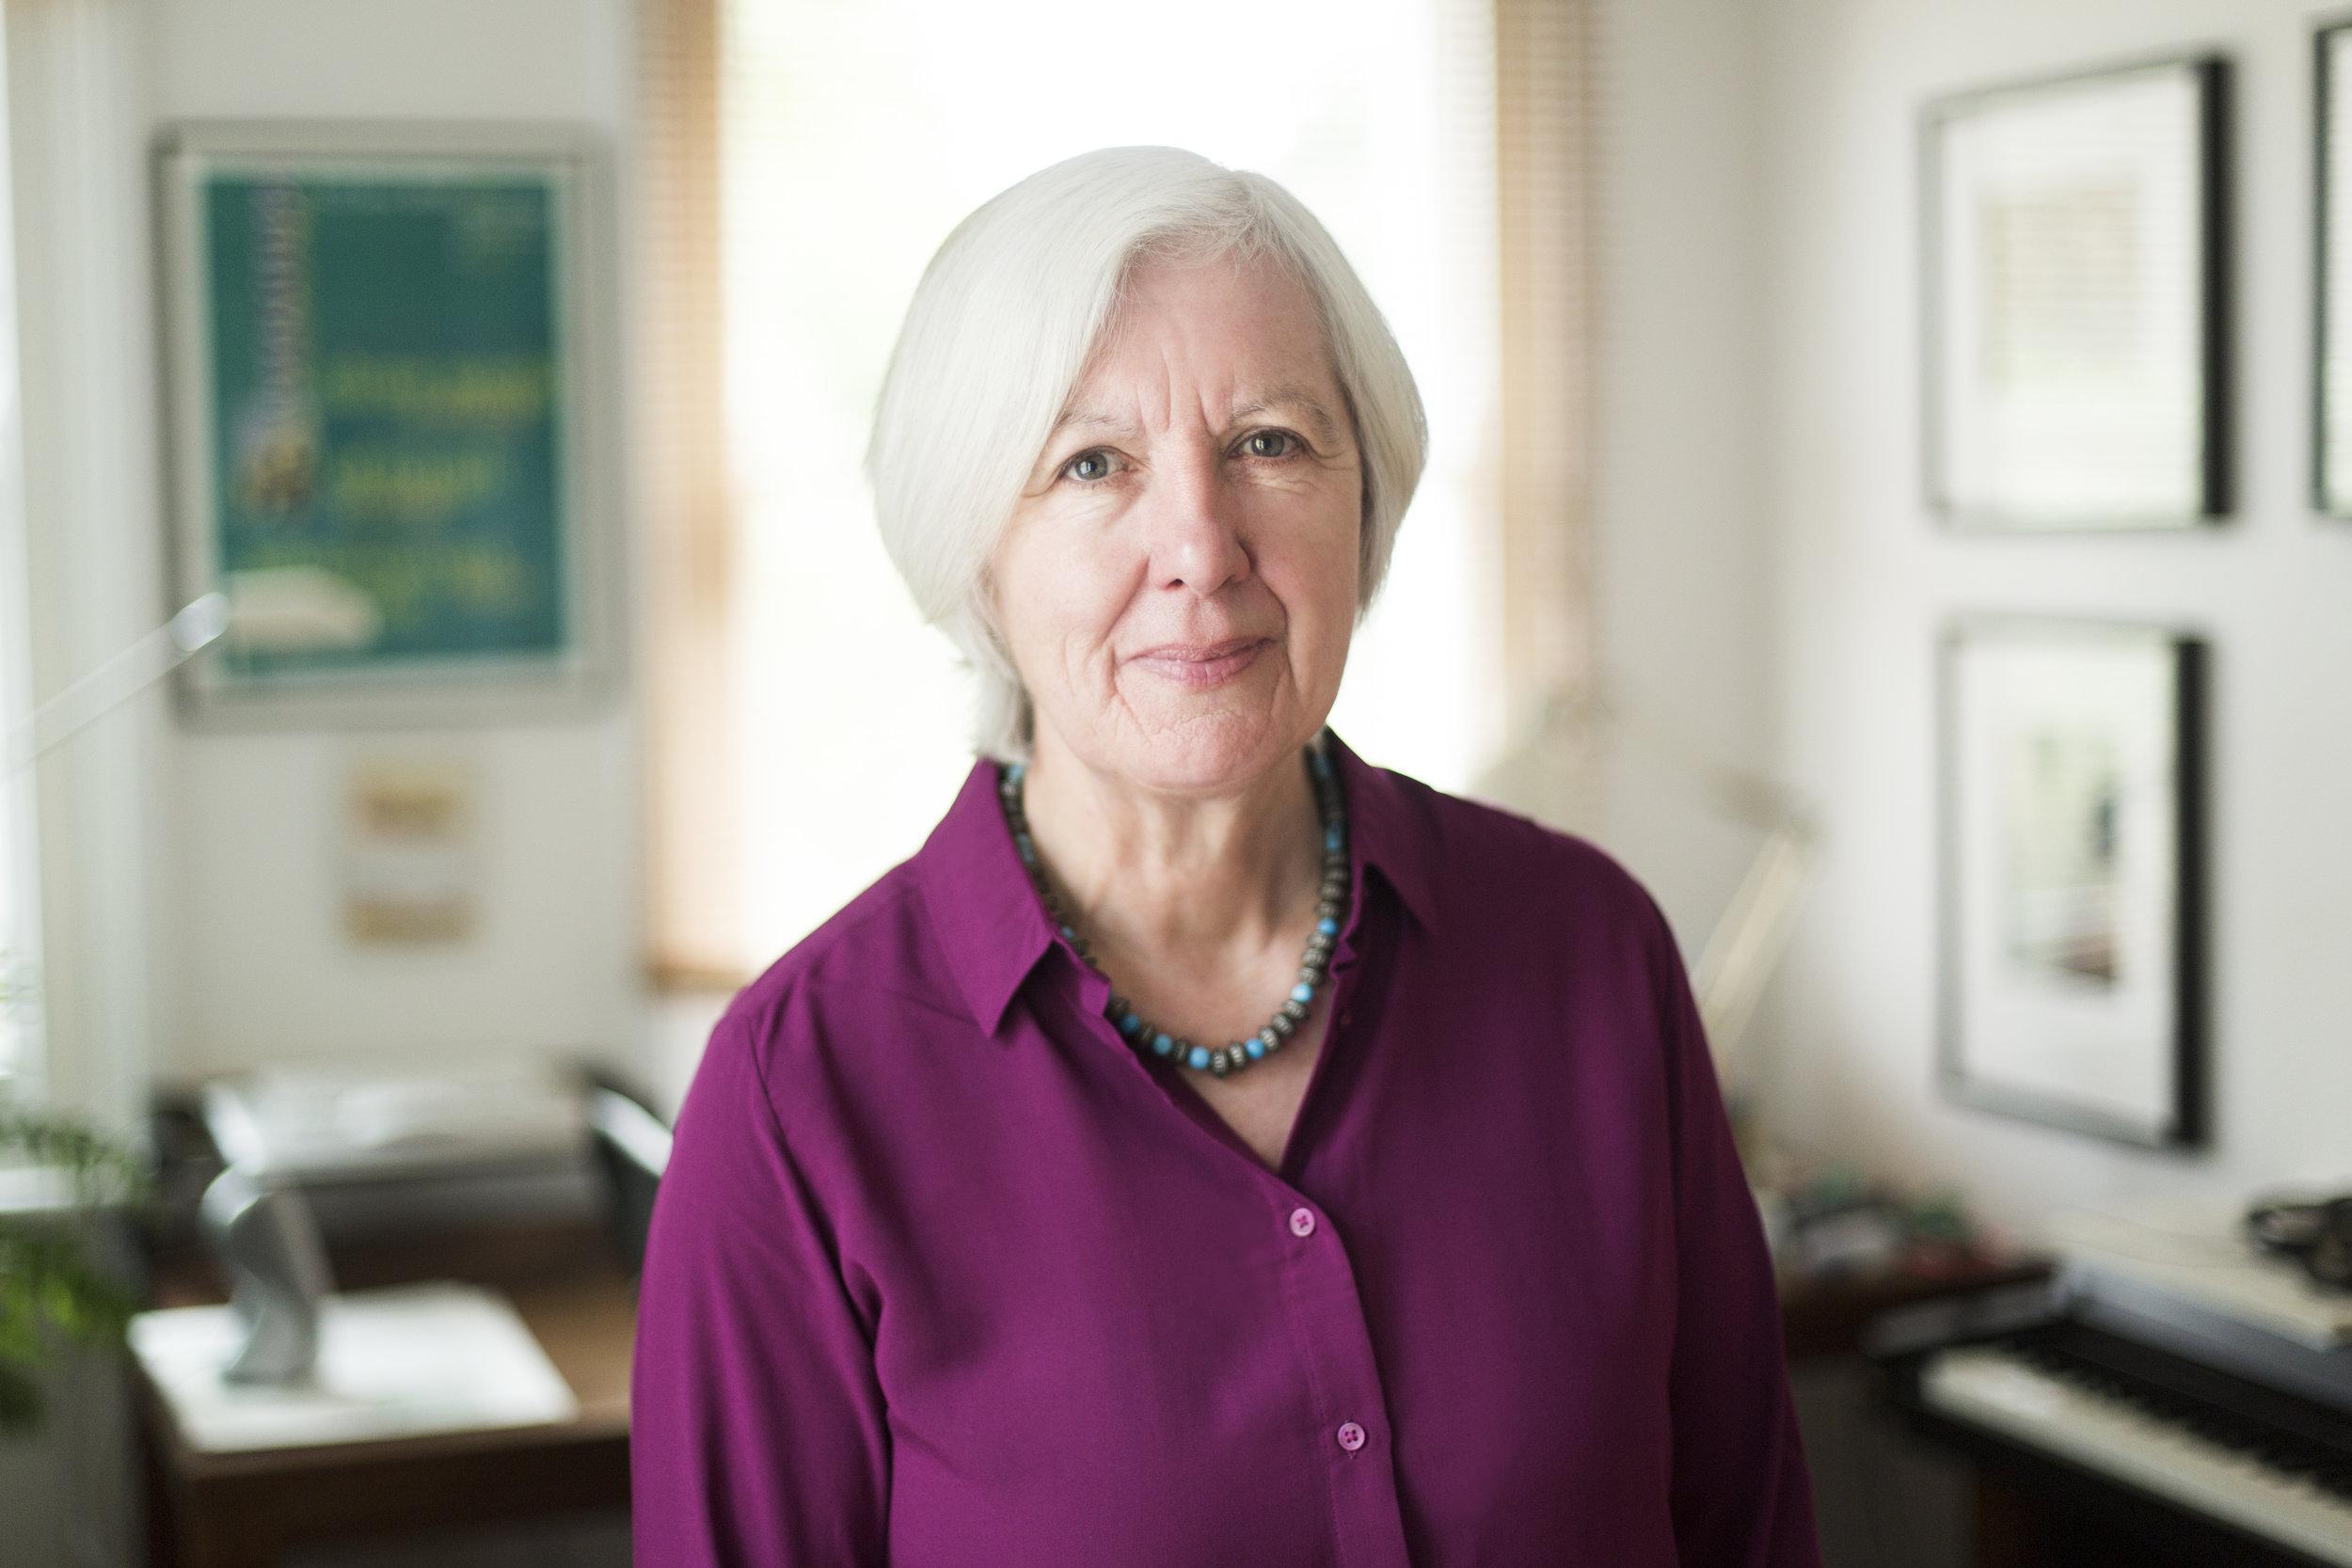 Judith Weir CBE, composer